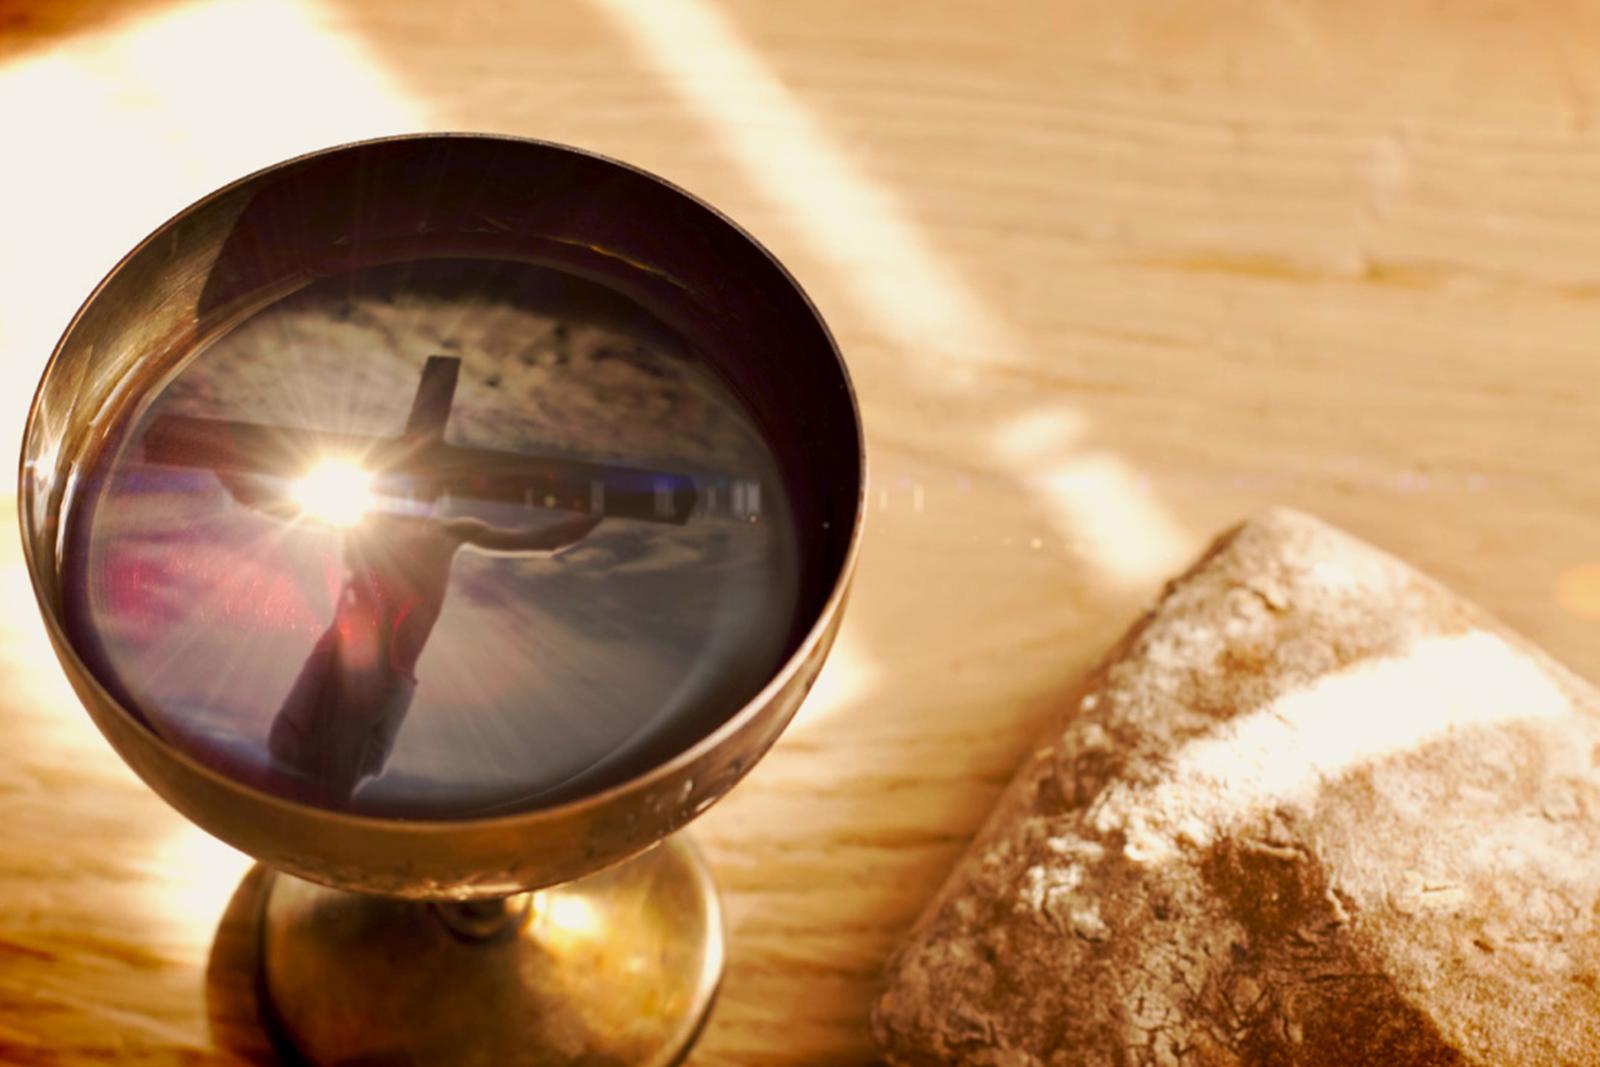 O que significa Santa Ceia ou Ceia do Senhor?